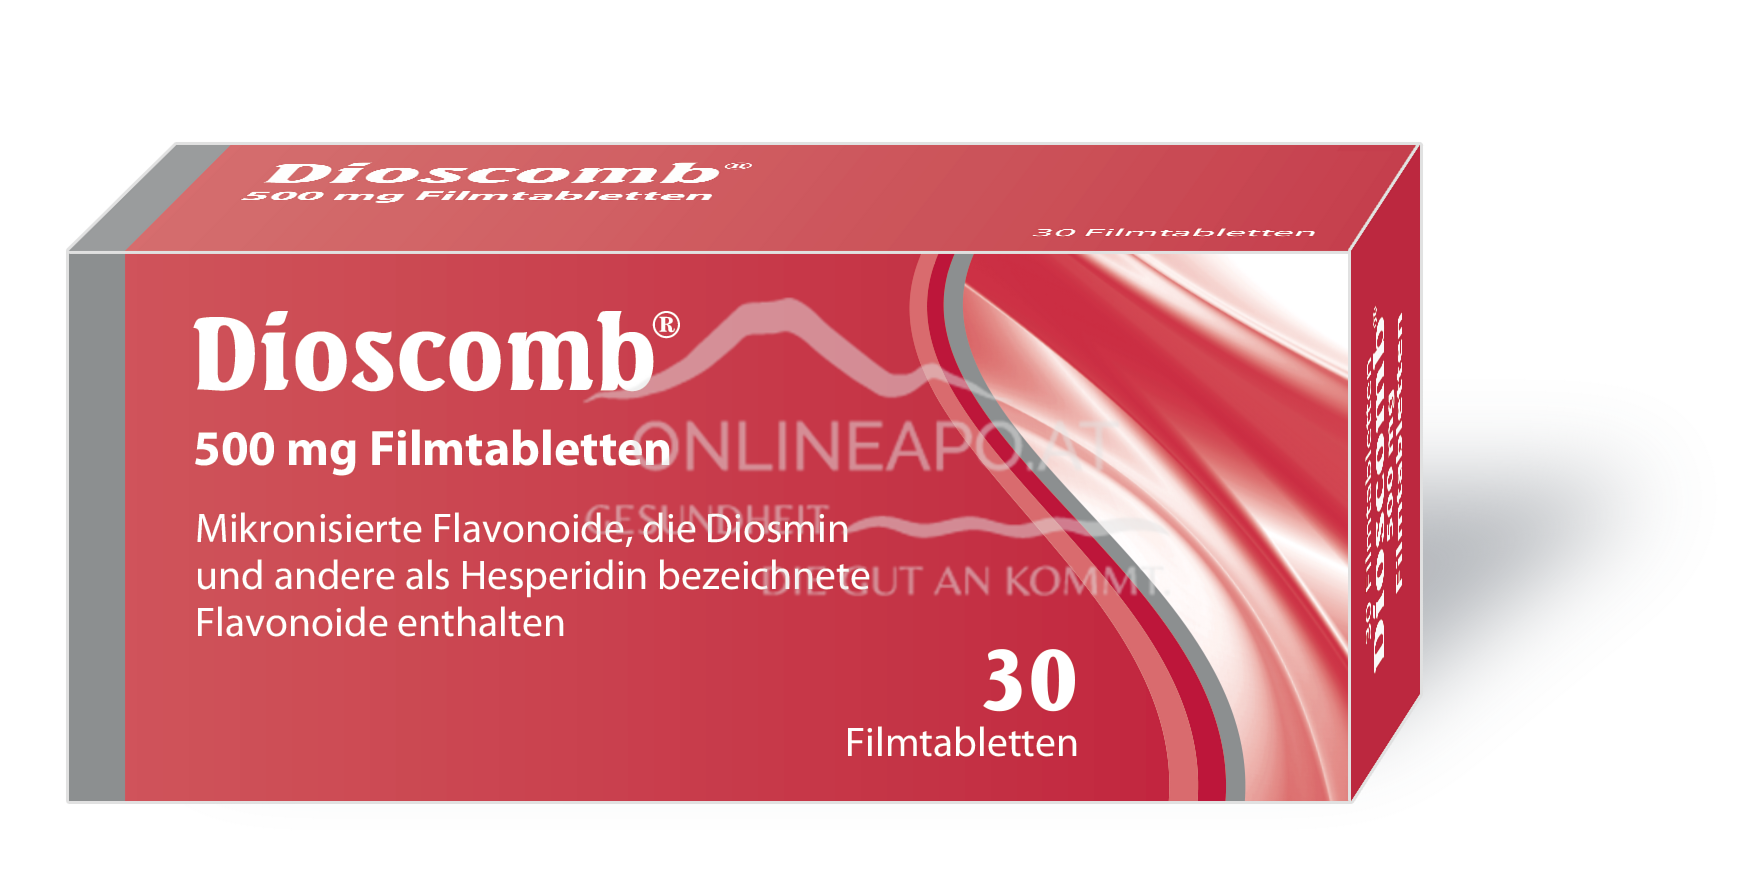 Dioscomb® 500mg